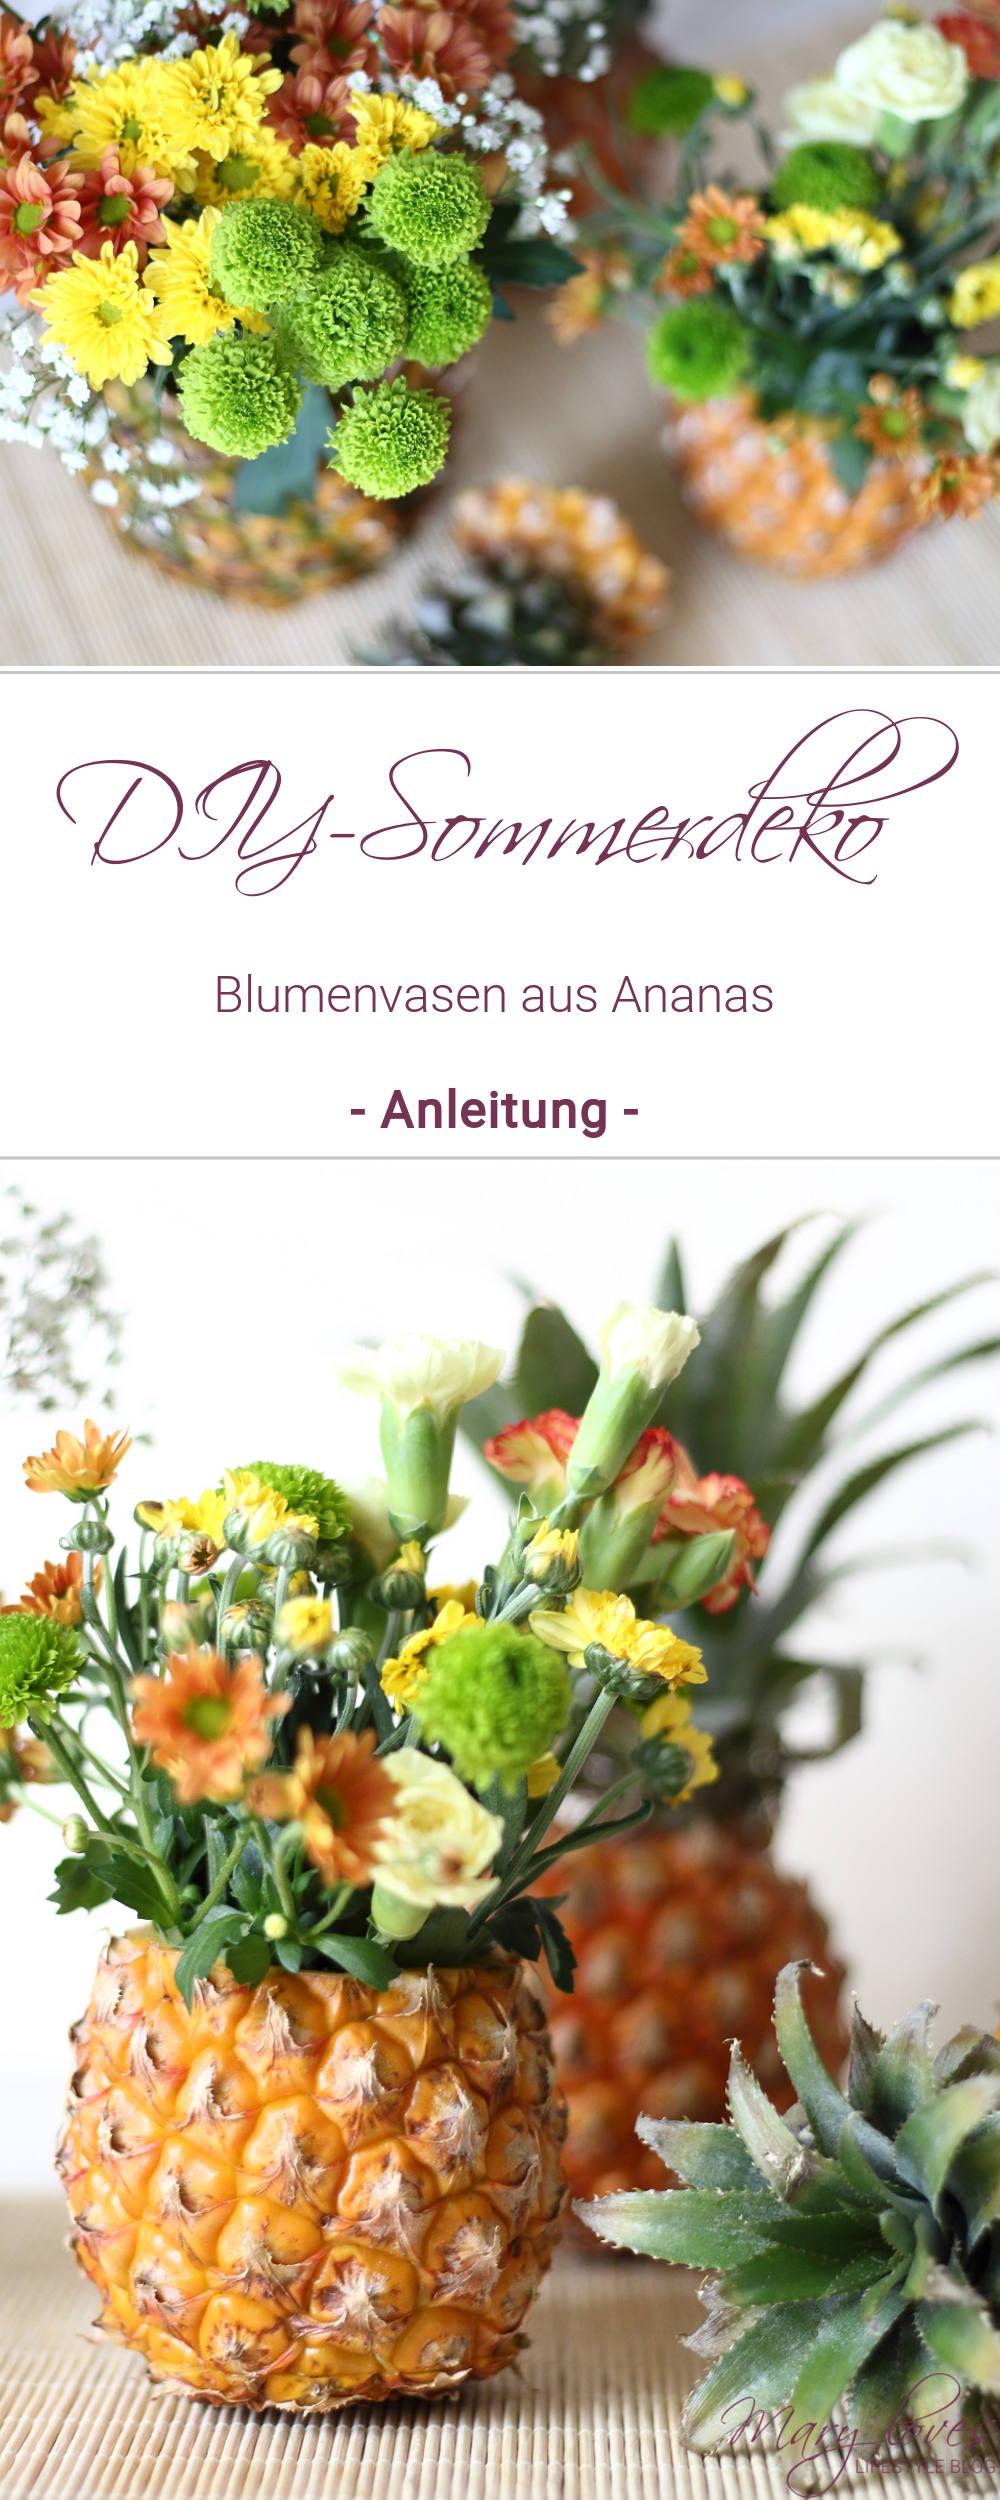 DIY-Sommerdeko - So bastelt ihr eine Ananas-Blumenvase - Anleitung für eine selbstgebastelte Blumenvase aus einer Ananas